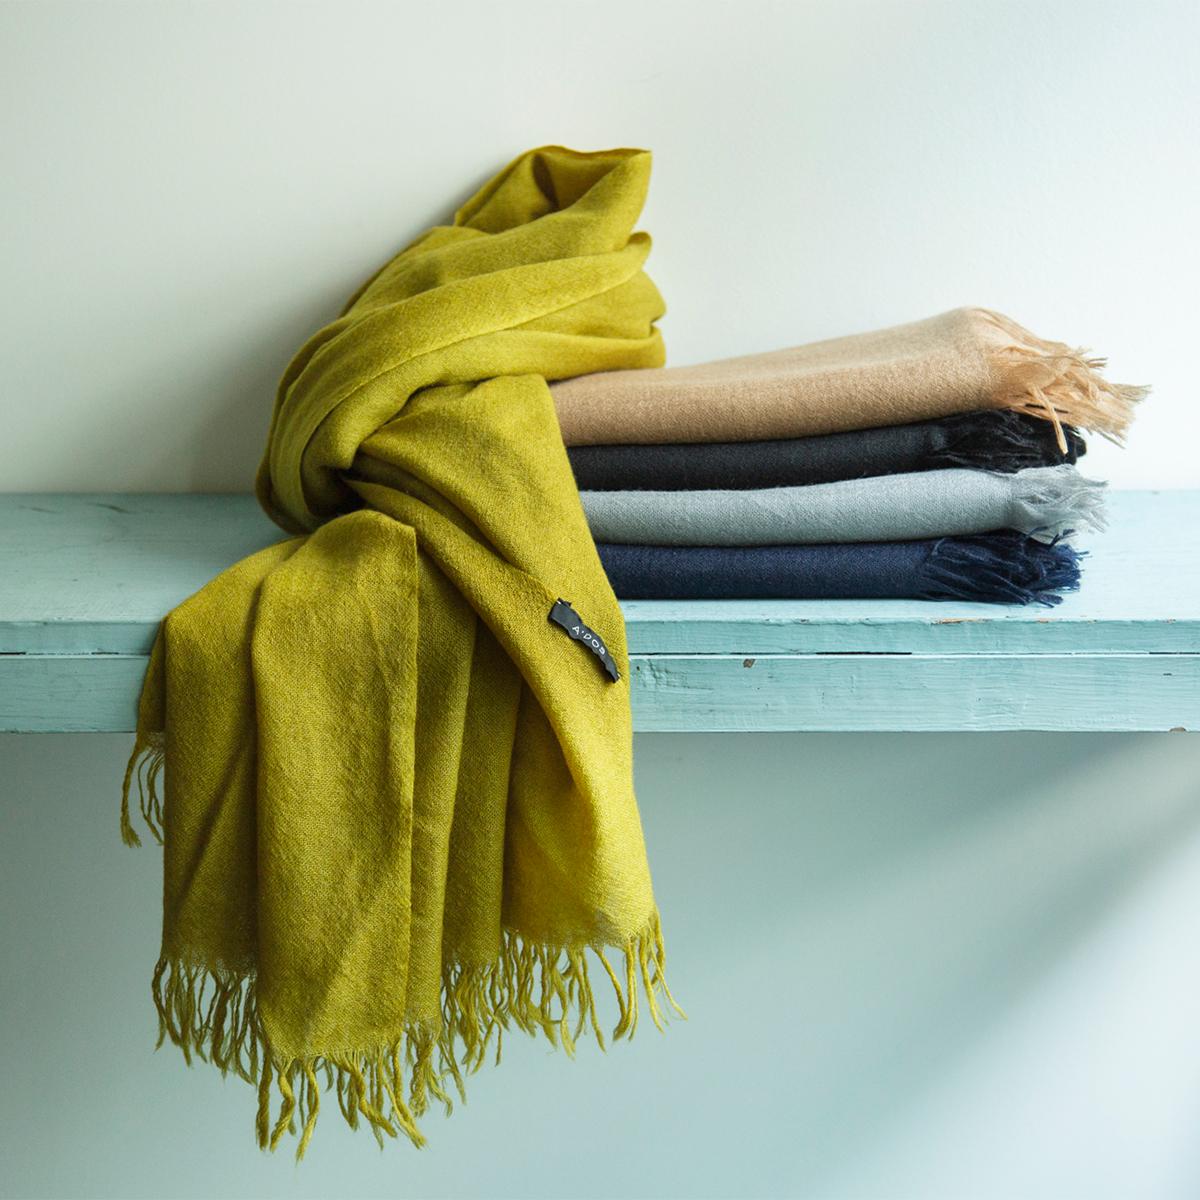 冬の装いに1枚足すだけで、顔映りも気持ちもグッと華やぐ。上質なカシミアのマフラー・ストール「STEPPE」|ADOS(エイドス)